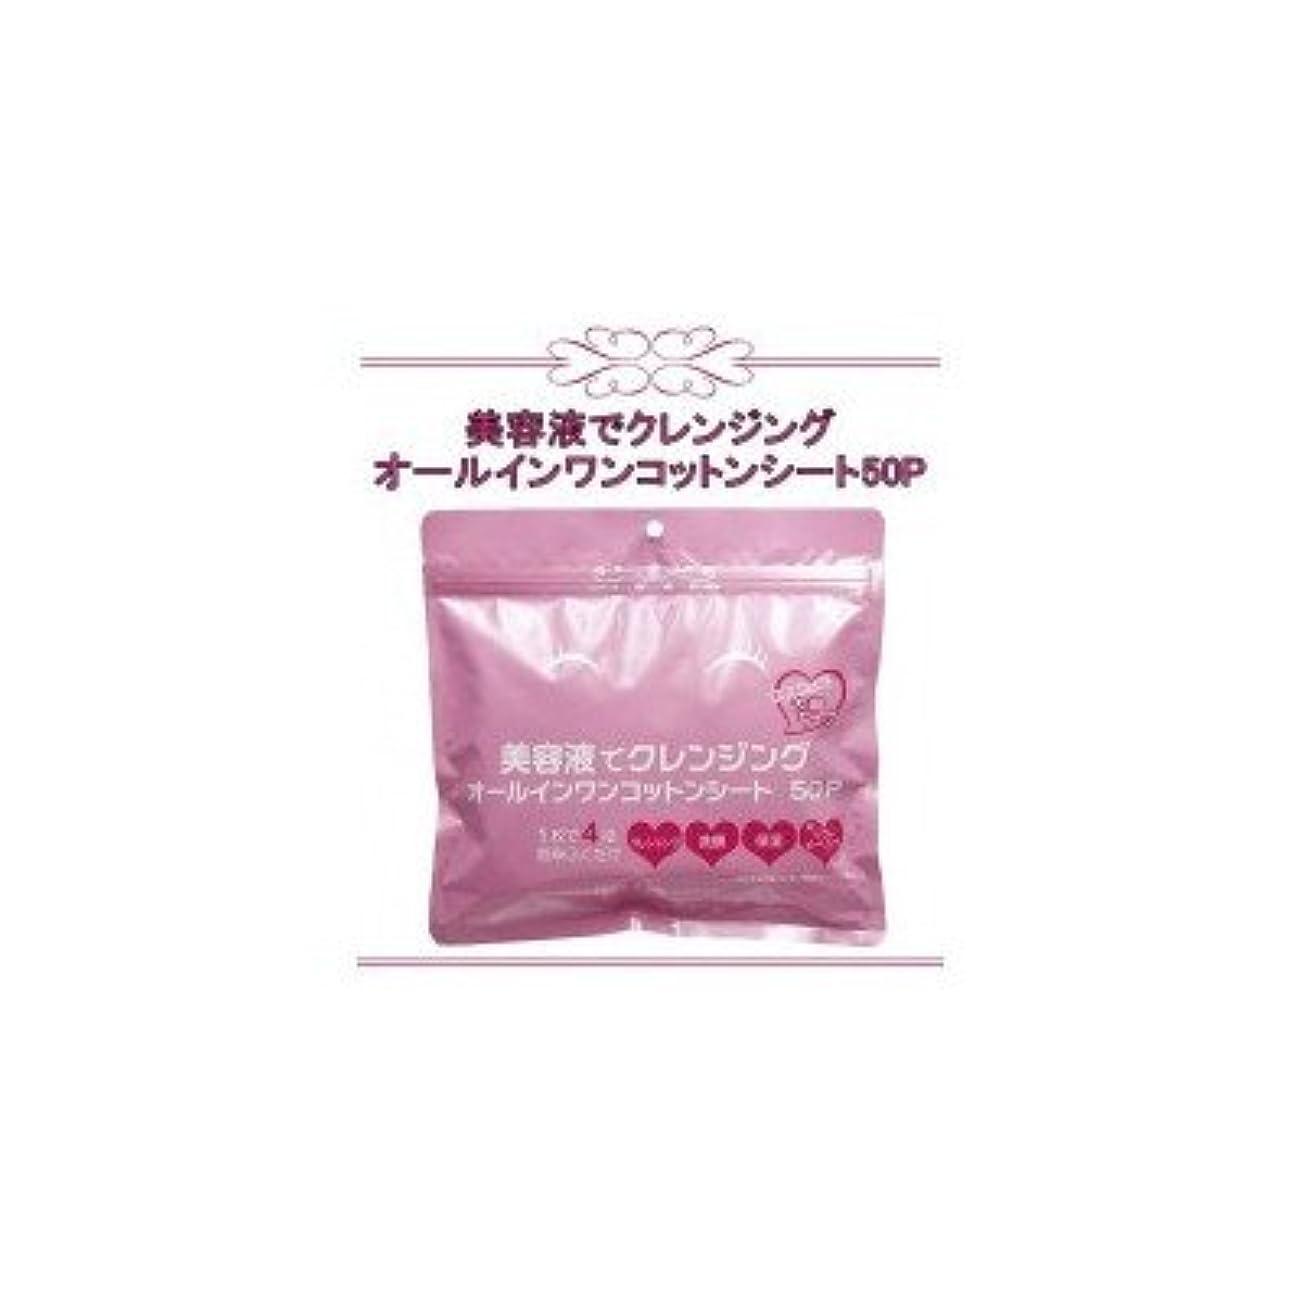 けがをする恒久的ネックレット美容液でクレンジング オールインワンコットンシート 50P(50枚入)